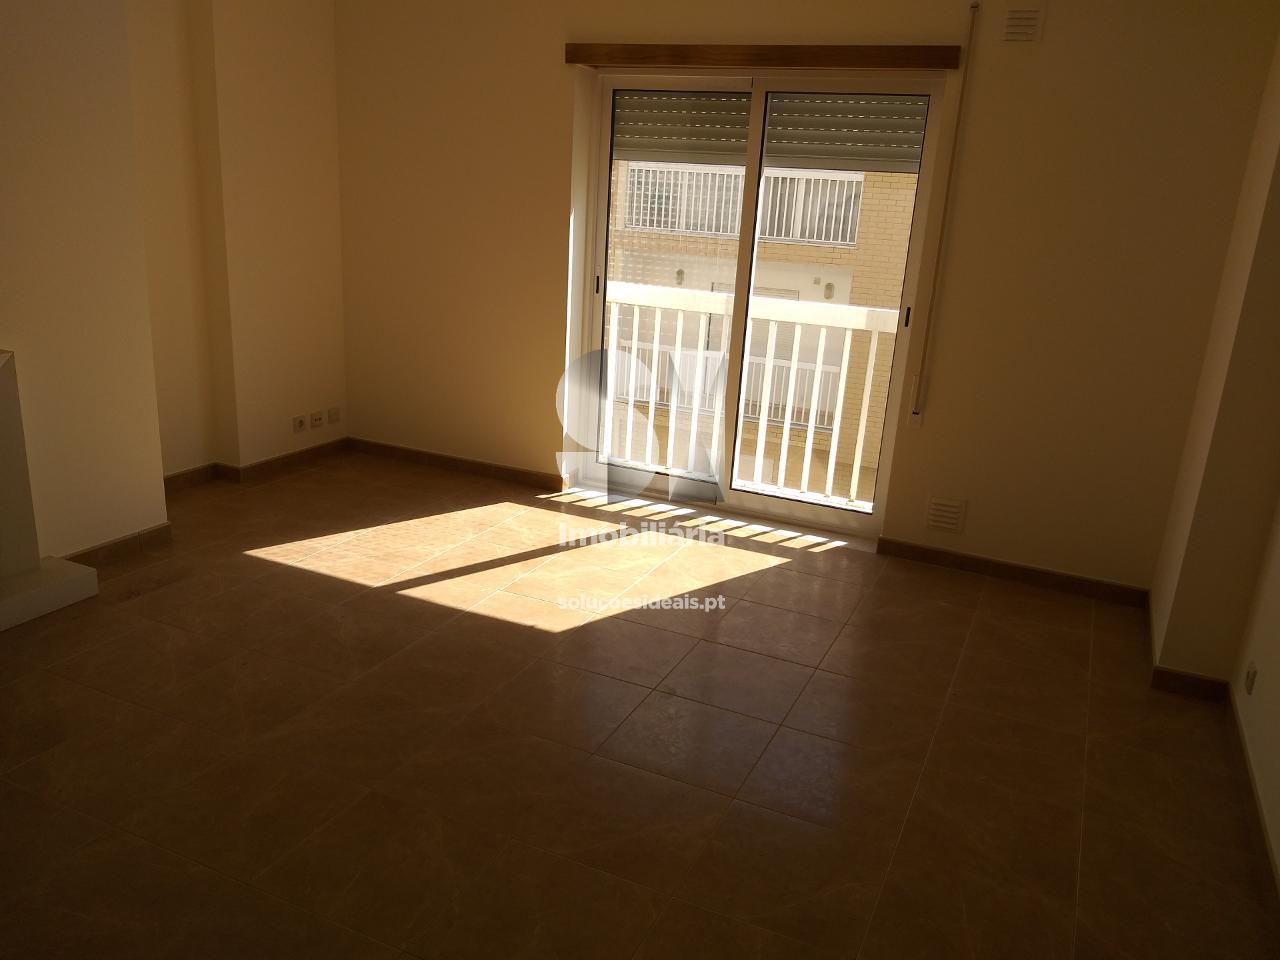 apartamento t1 para compra em leiria coimbrao praia do pedrogao VPLPF307_1